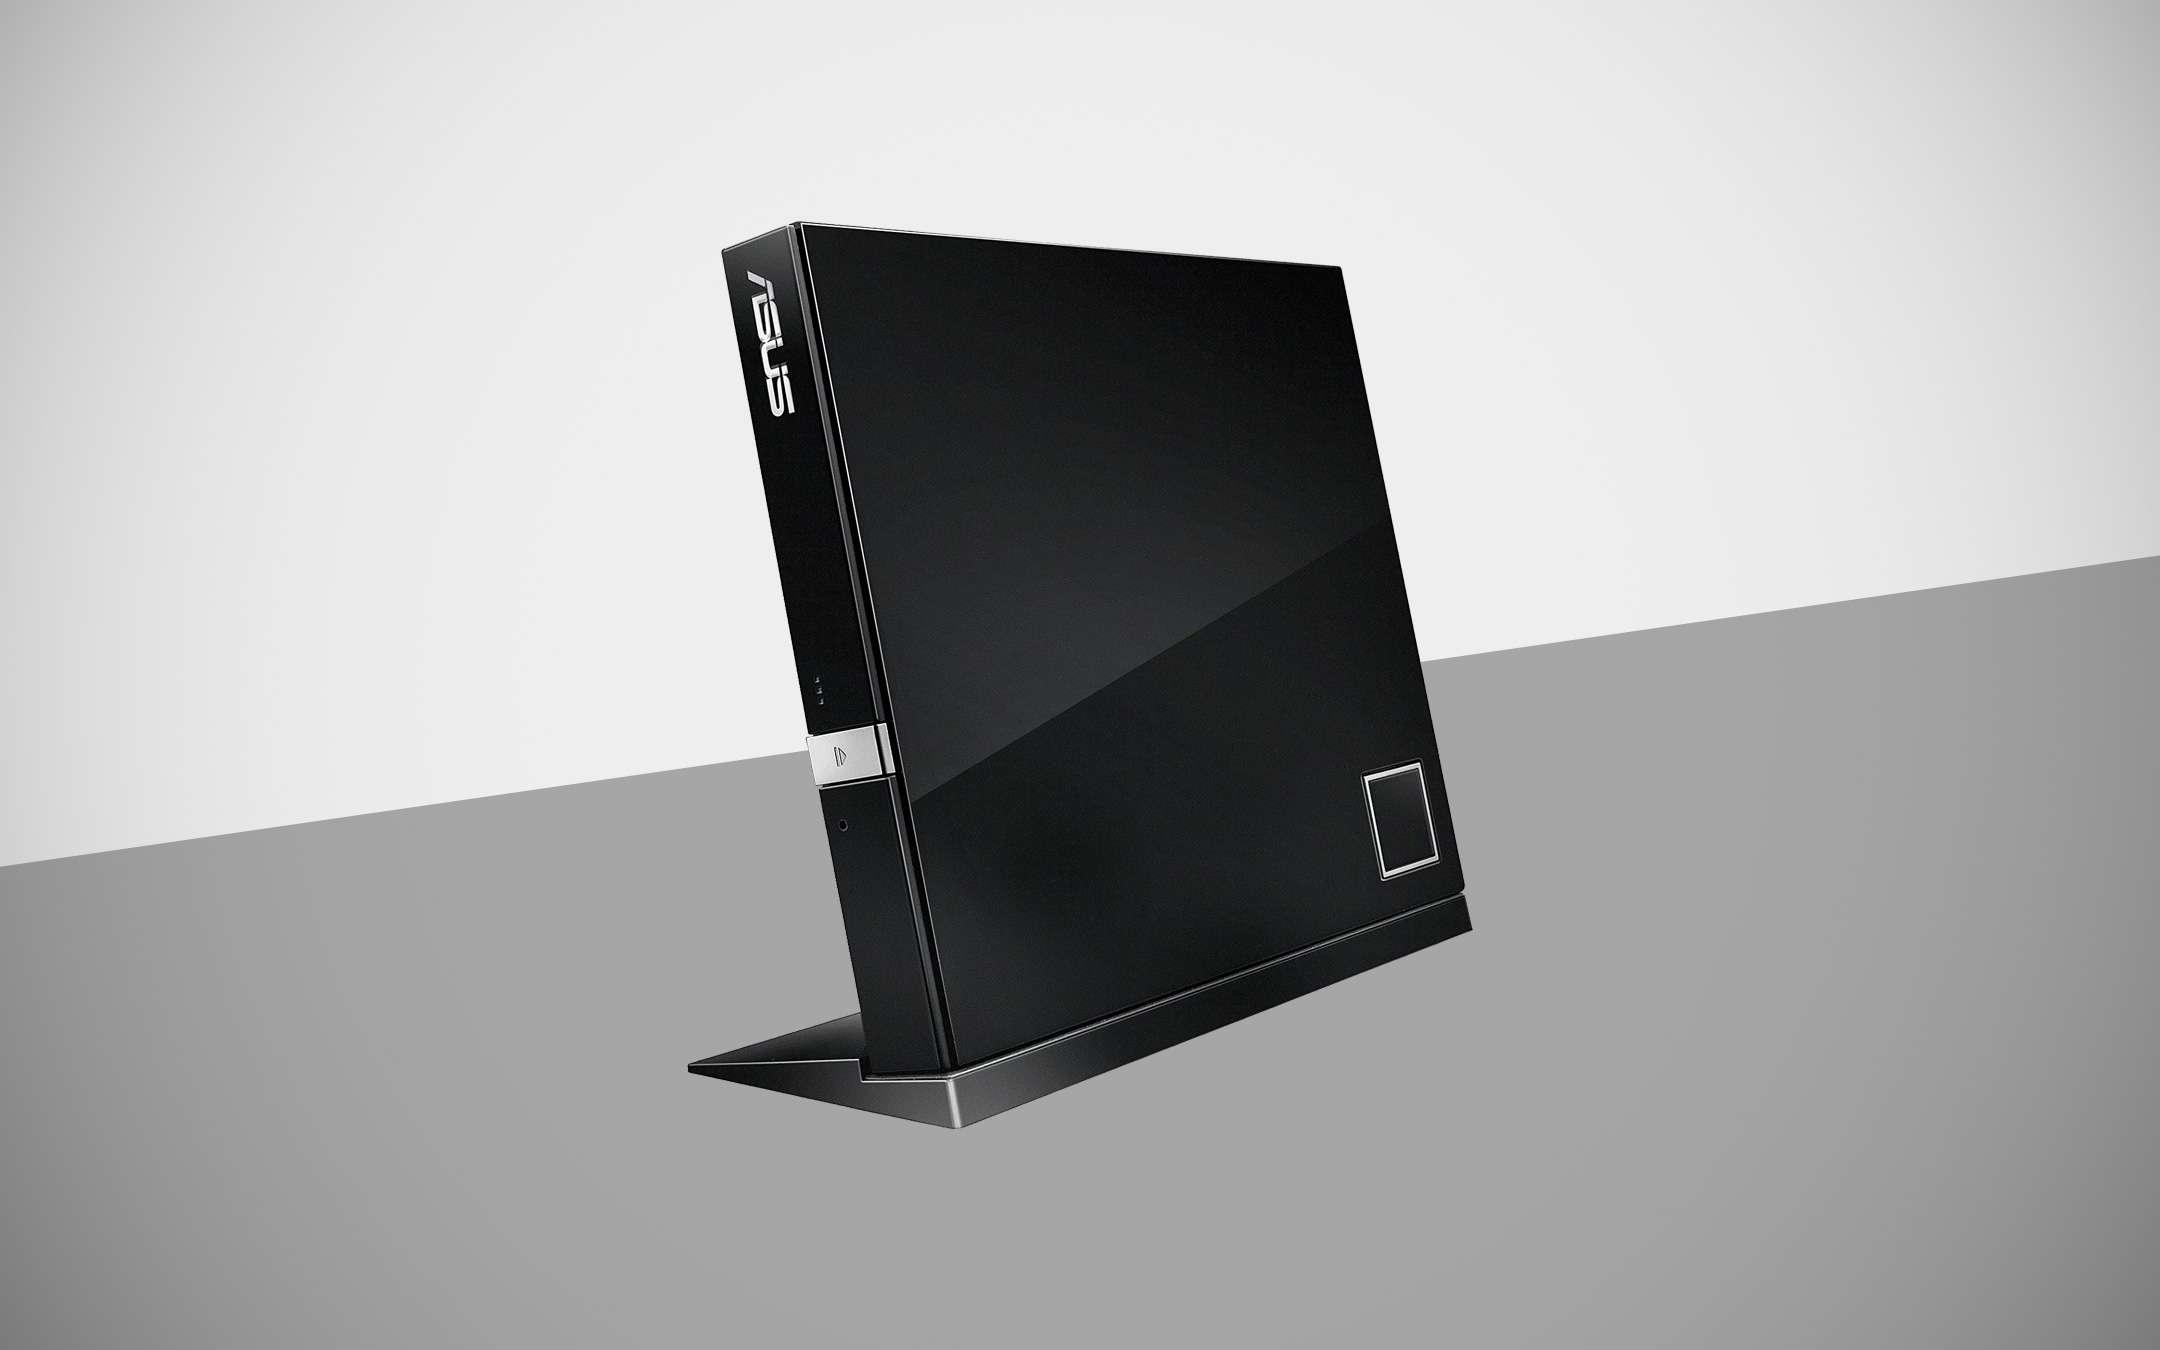 ASUS external Blu-ray burner at -31%